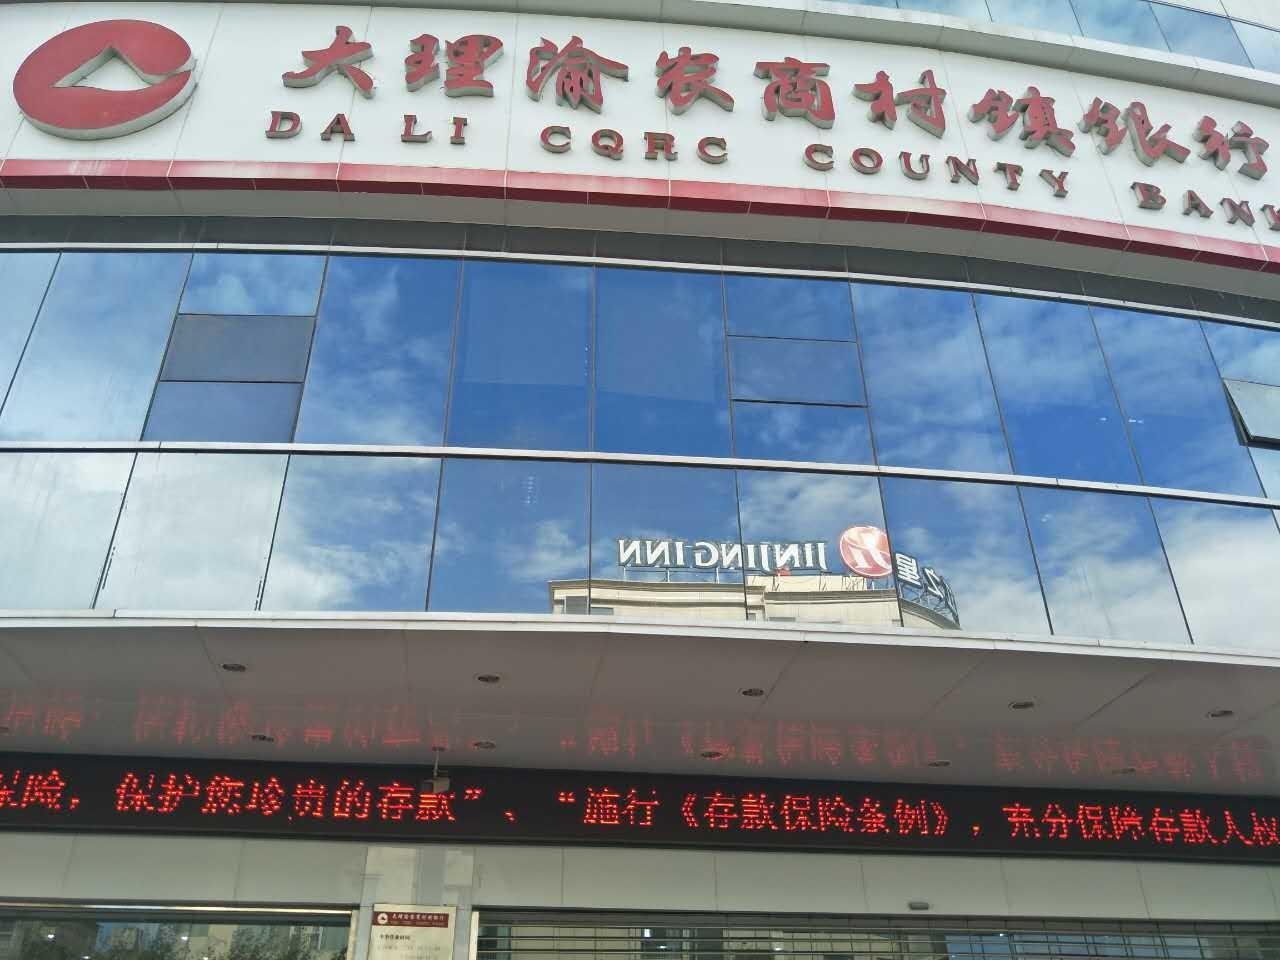 州支行_中国人民银行大理州中心支行存款保险宣传